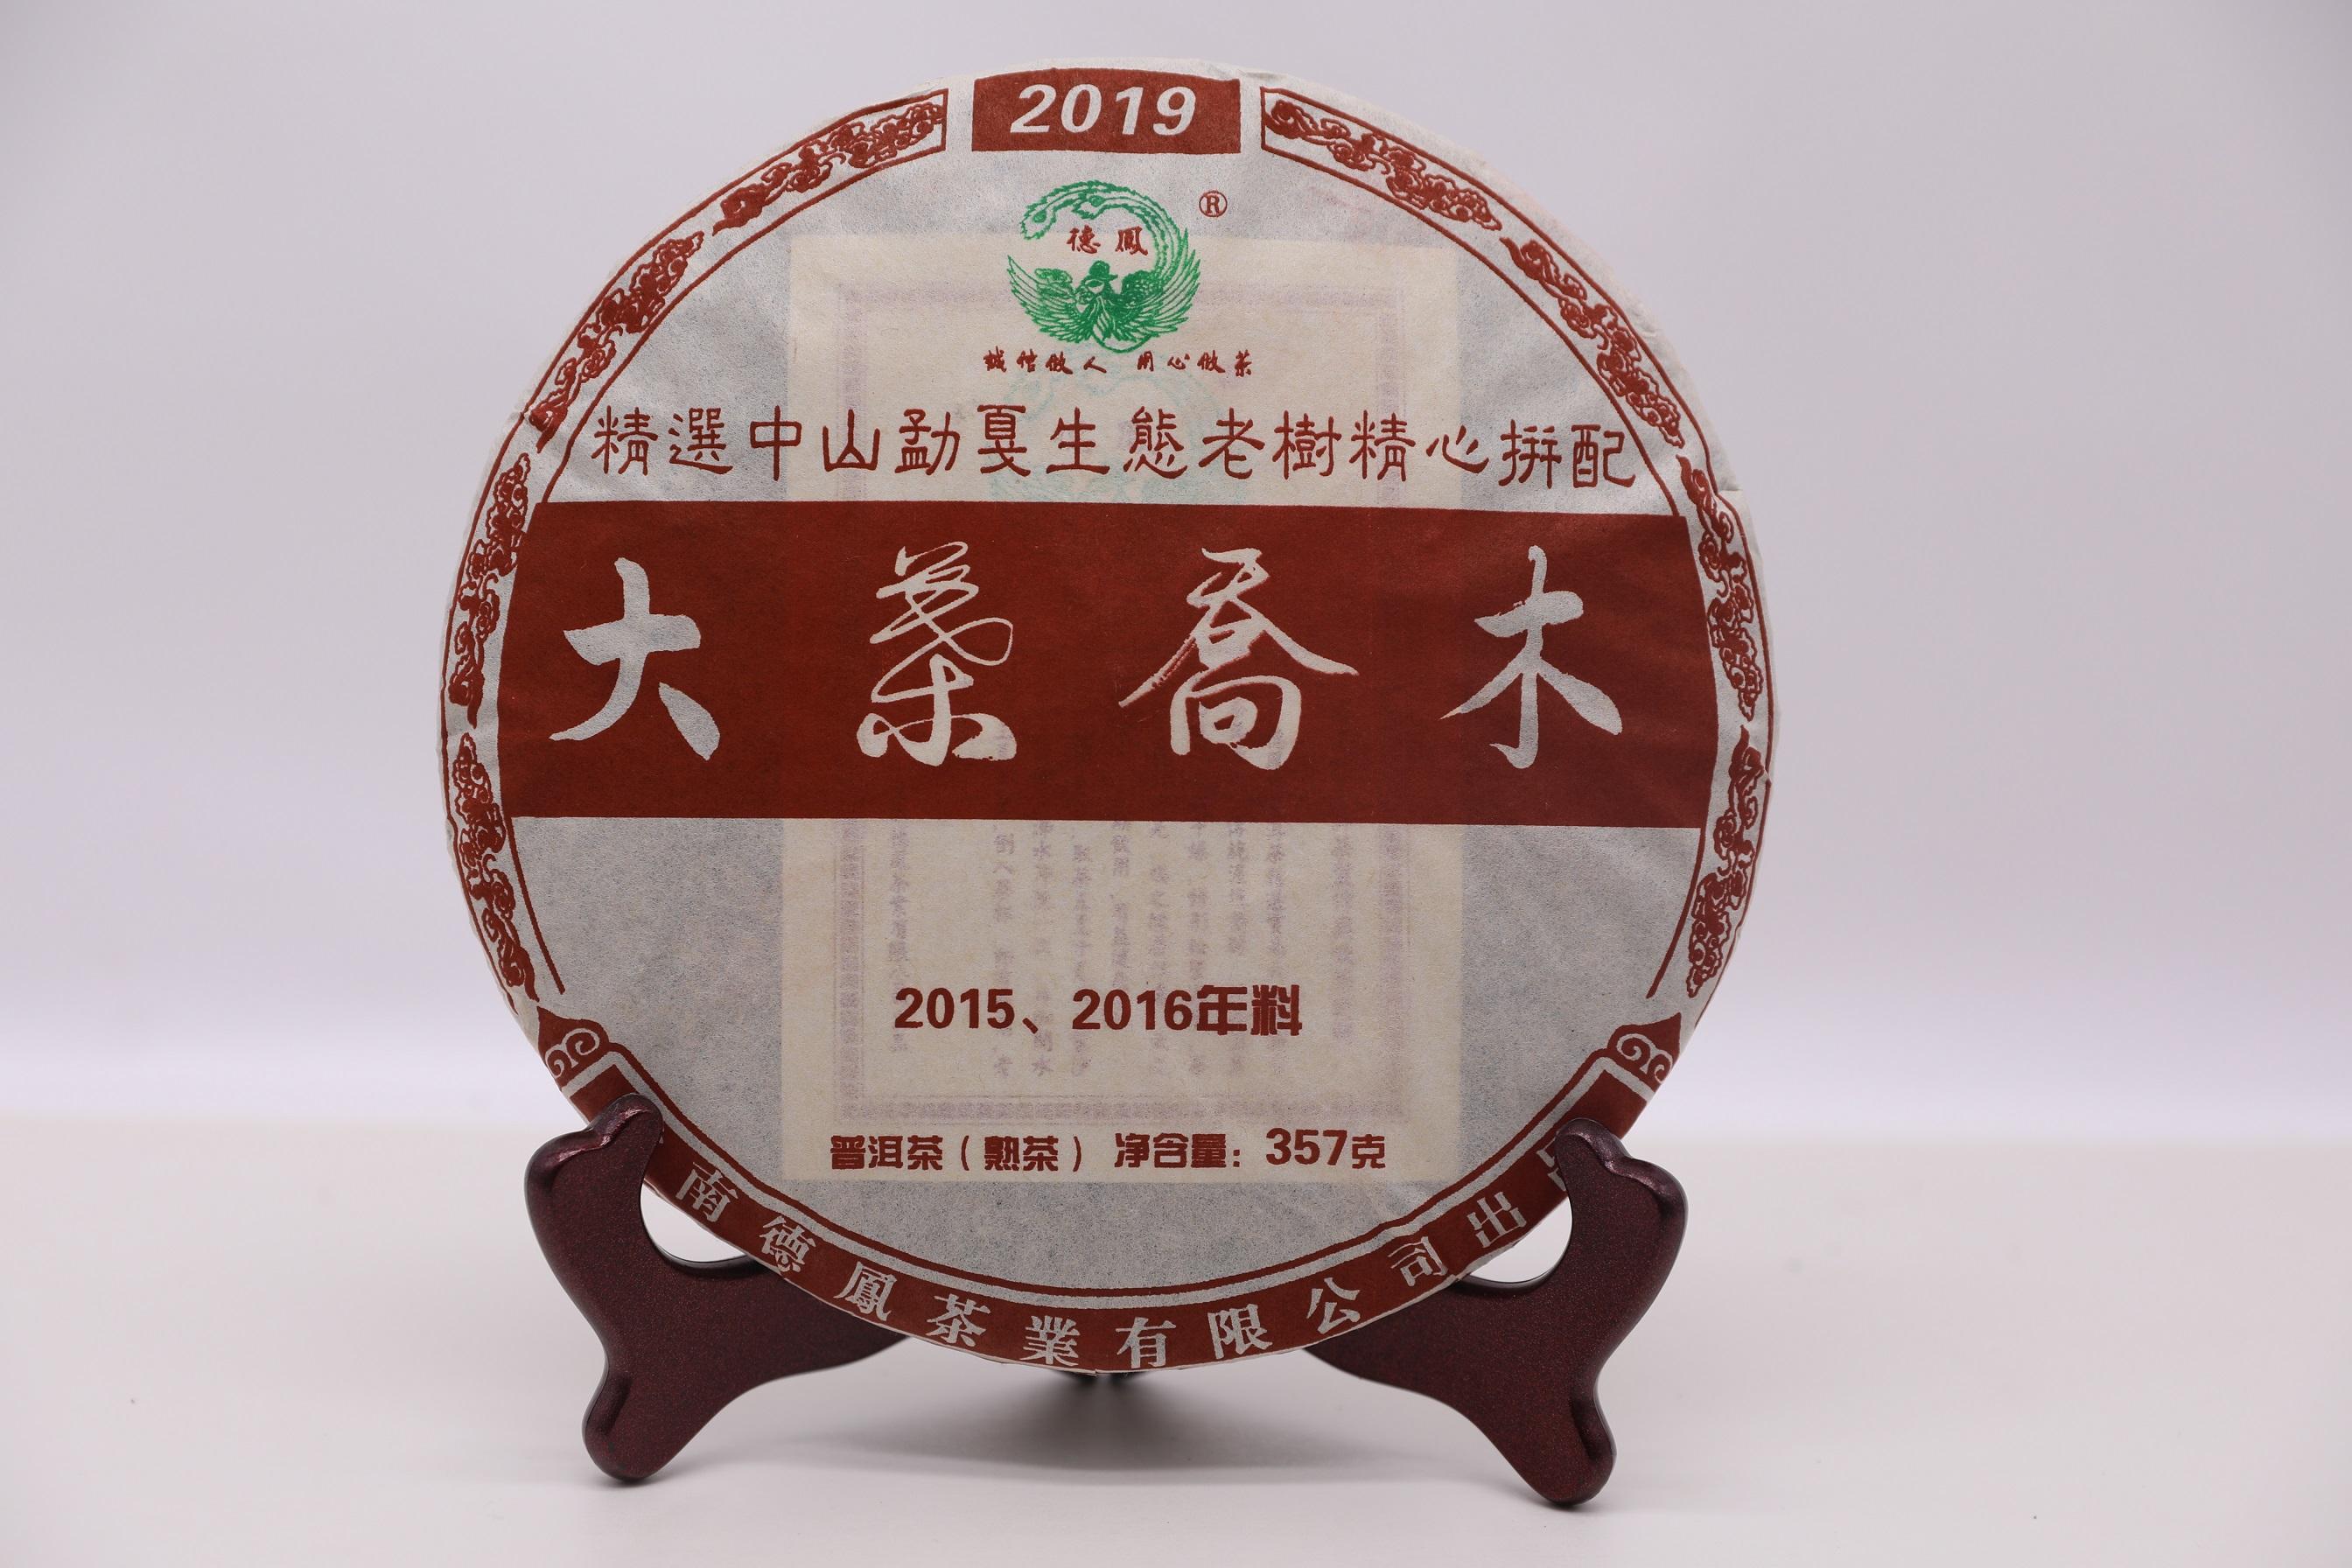 2019年大葉喬木熟餅